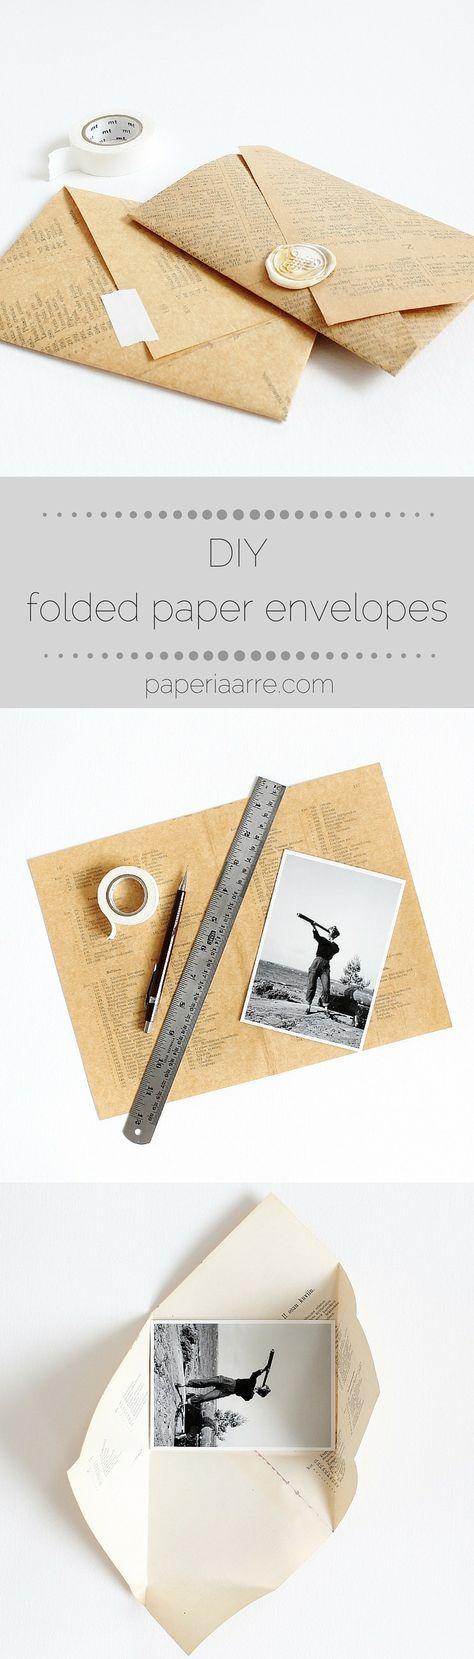 Briefumschläge Falten : Best briefumschlag falten ideas on pinterest